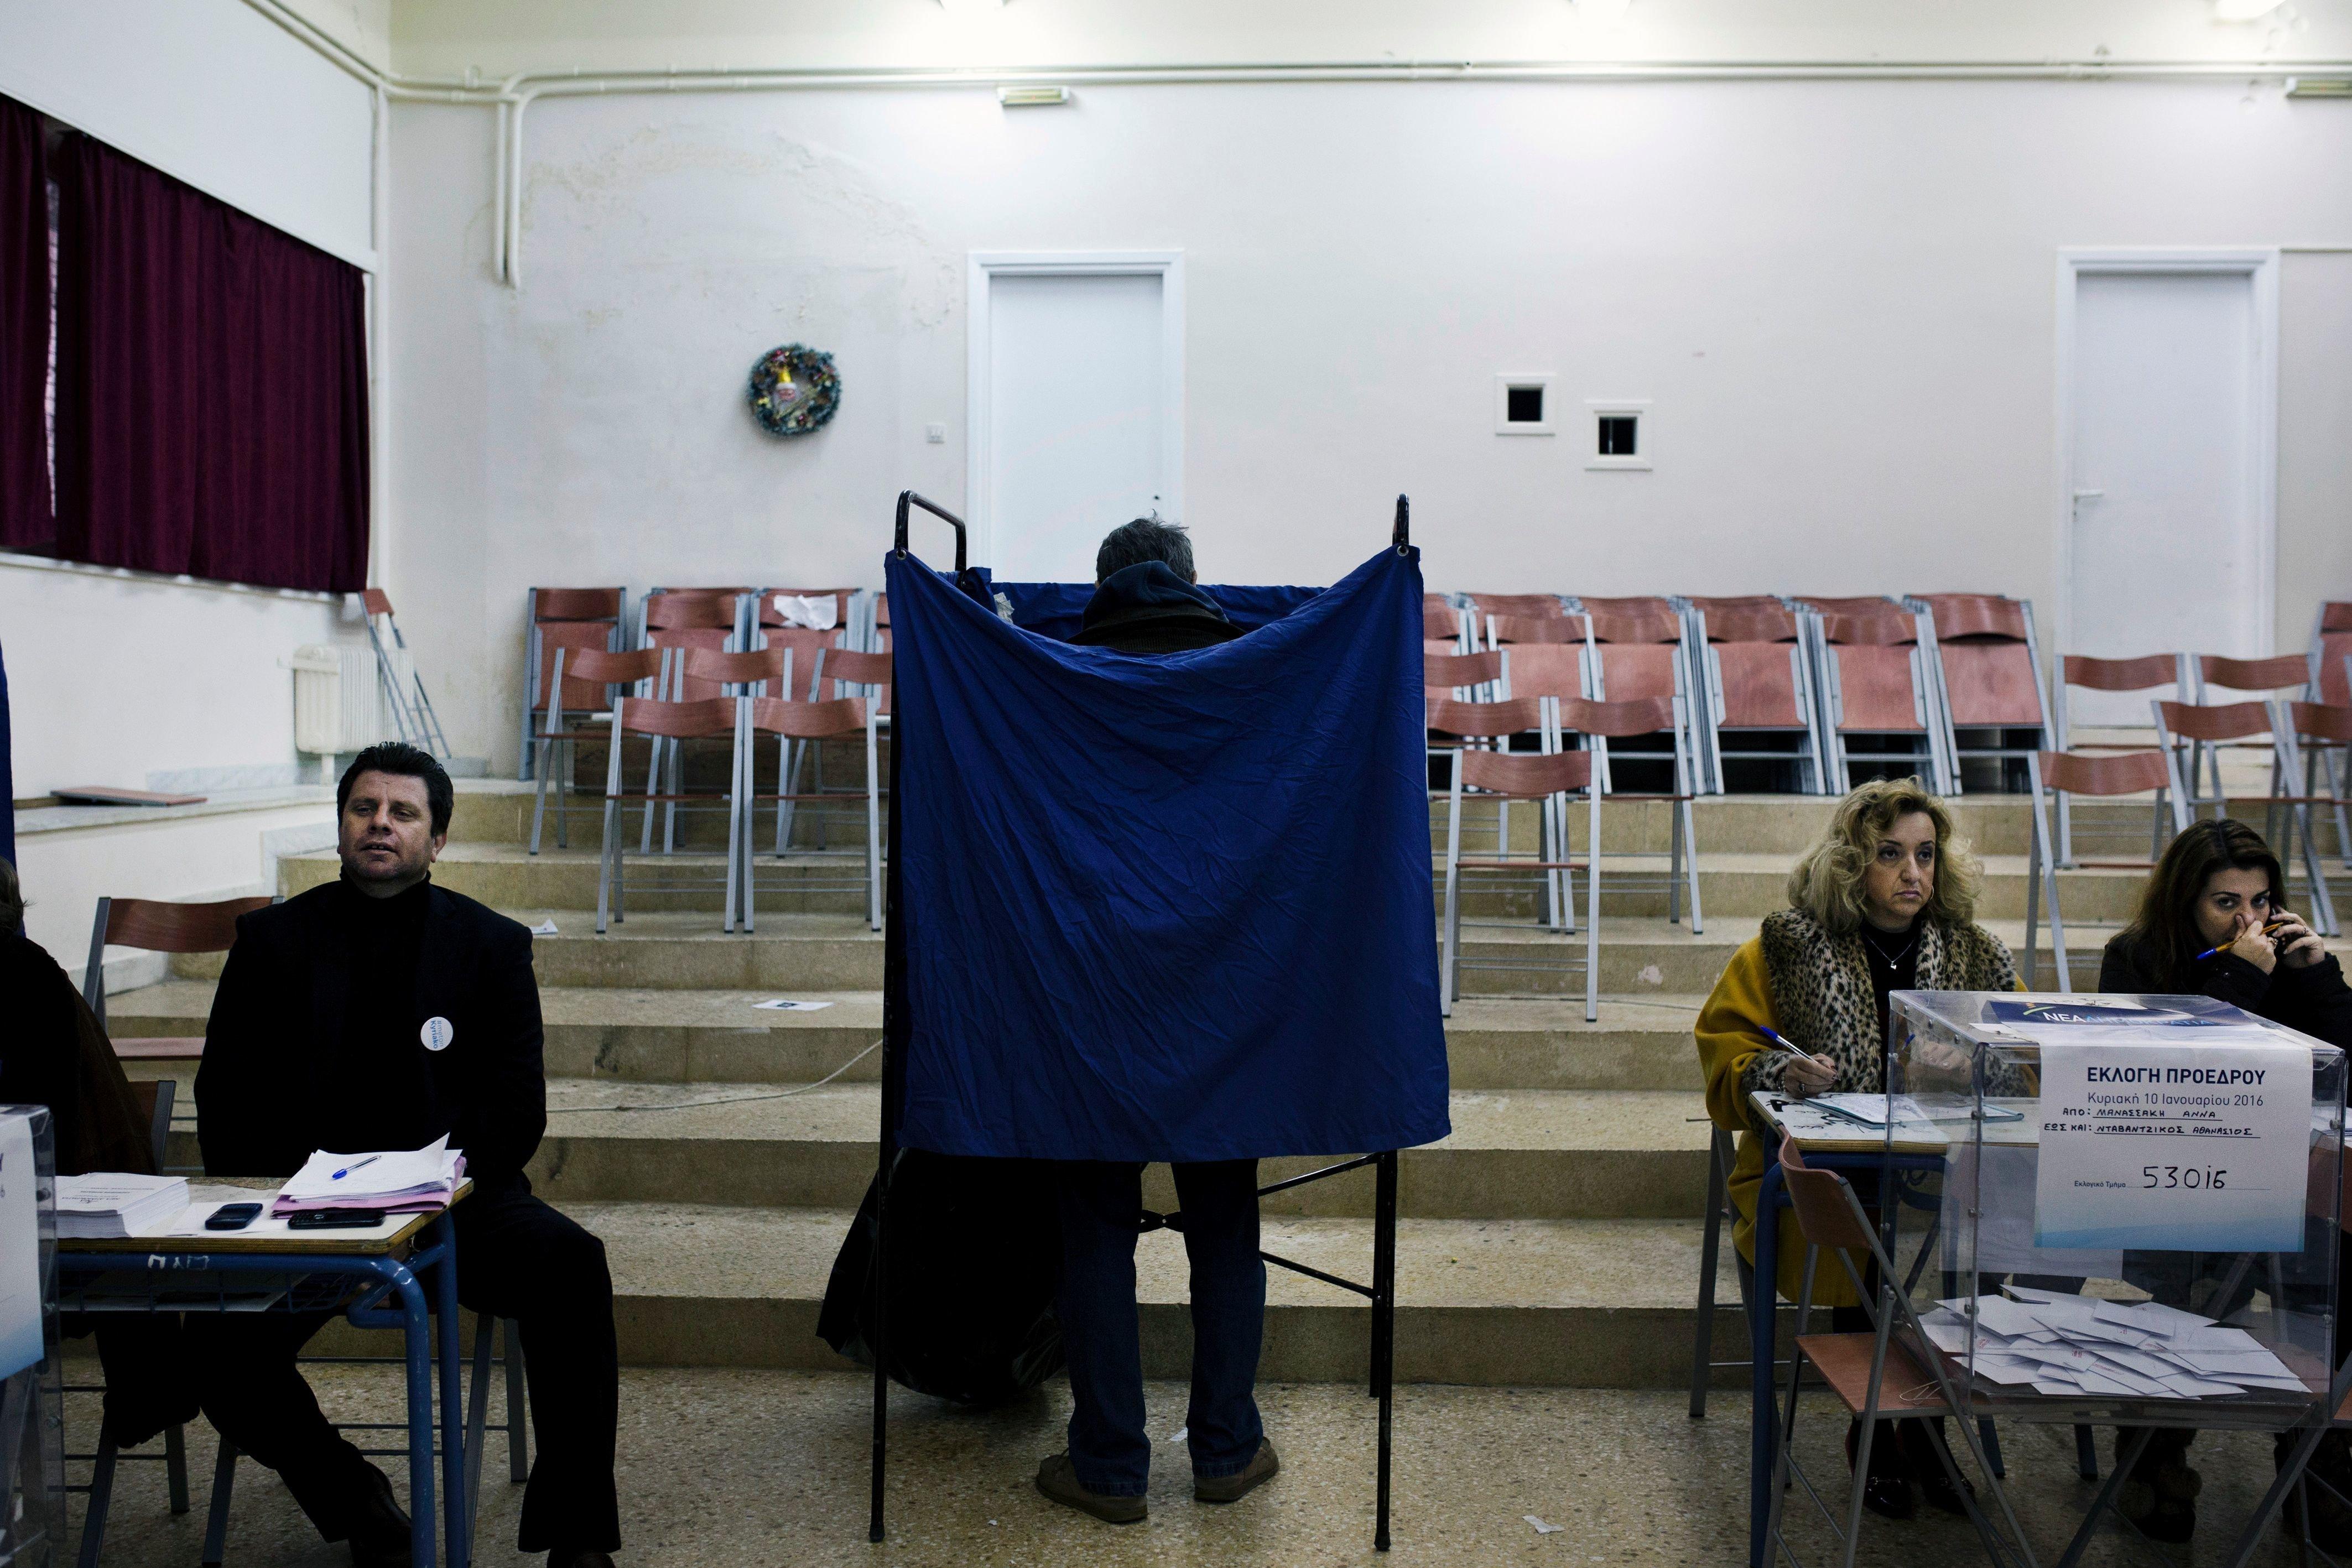 Δημοσκόπηση Pulse: Ανοίγει την ψαλίδα η ΝΔ. Κατά της συμφωνίας με πΓΔΜ το